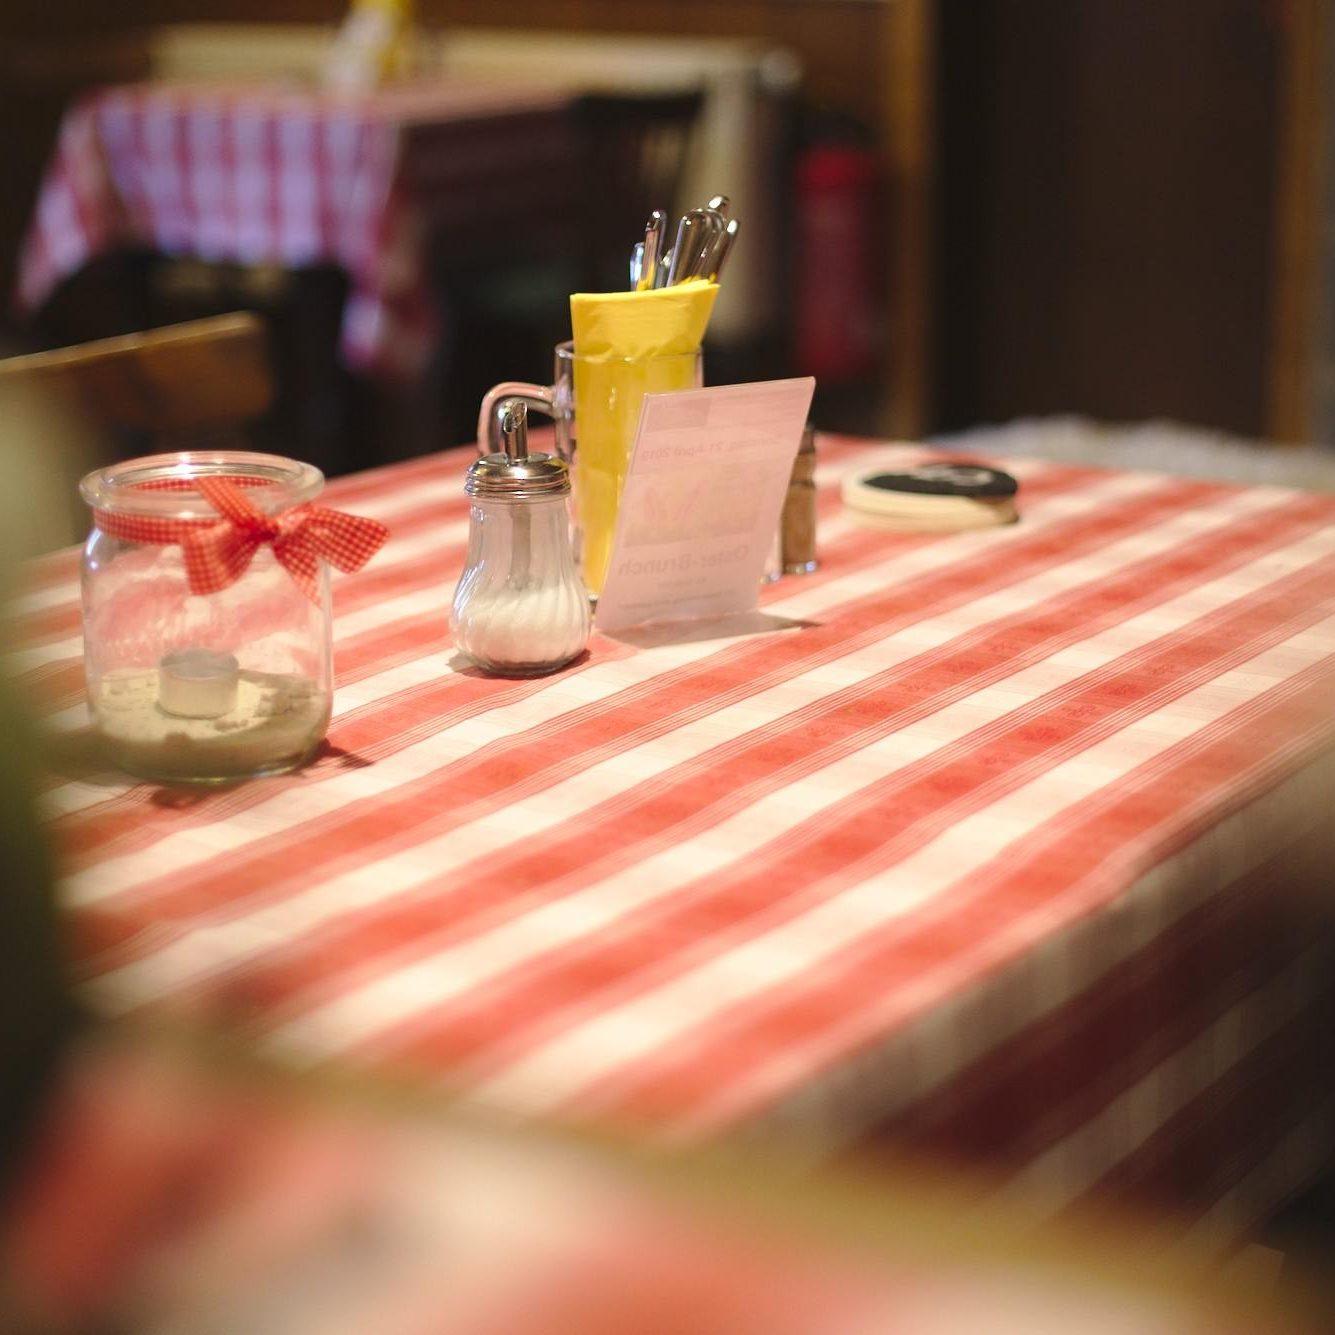 Tisch in der Gaststube - Innenraum | Naturfreundehaus Billtalhöhe | Waldgaststätte | Königstein im Taunus